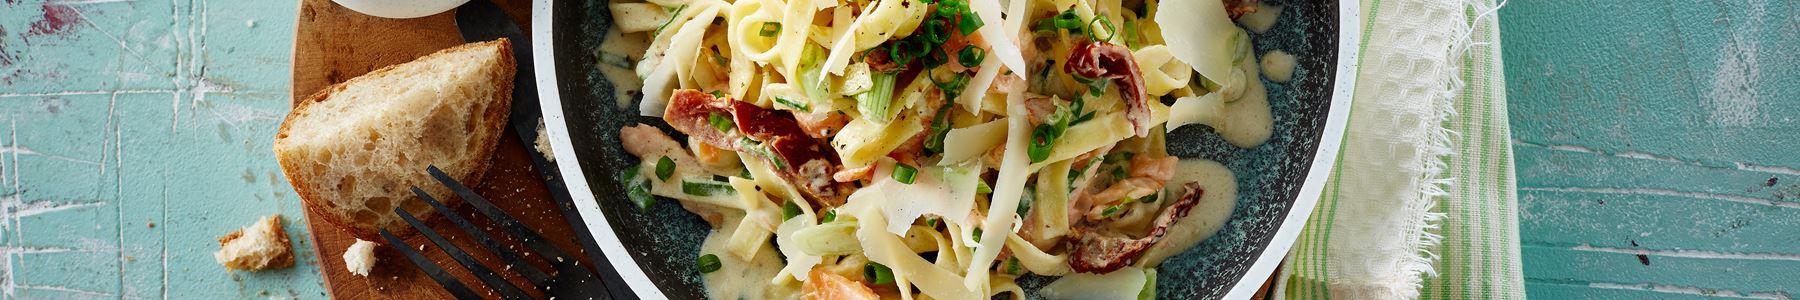 Fisk og skaldyr + Pasta